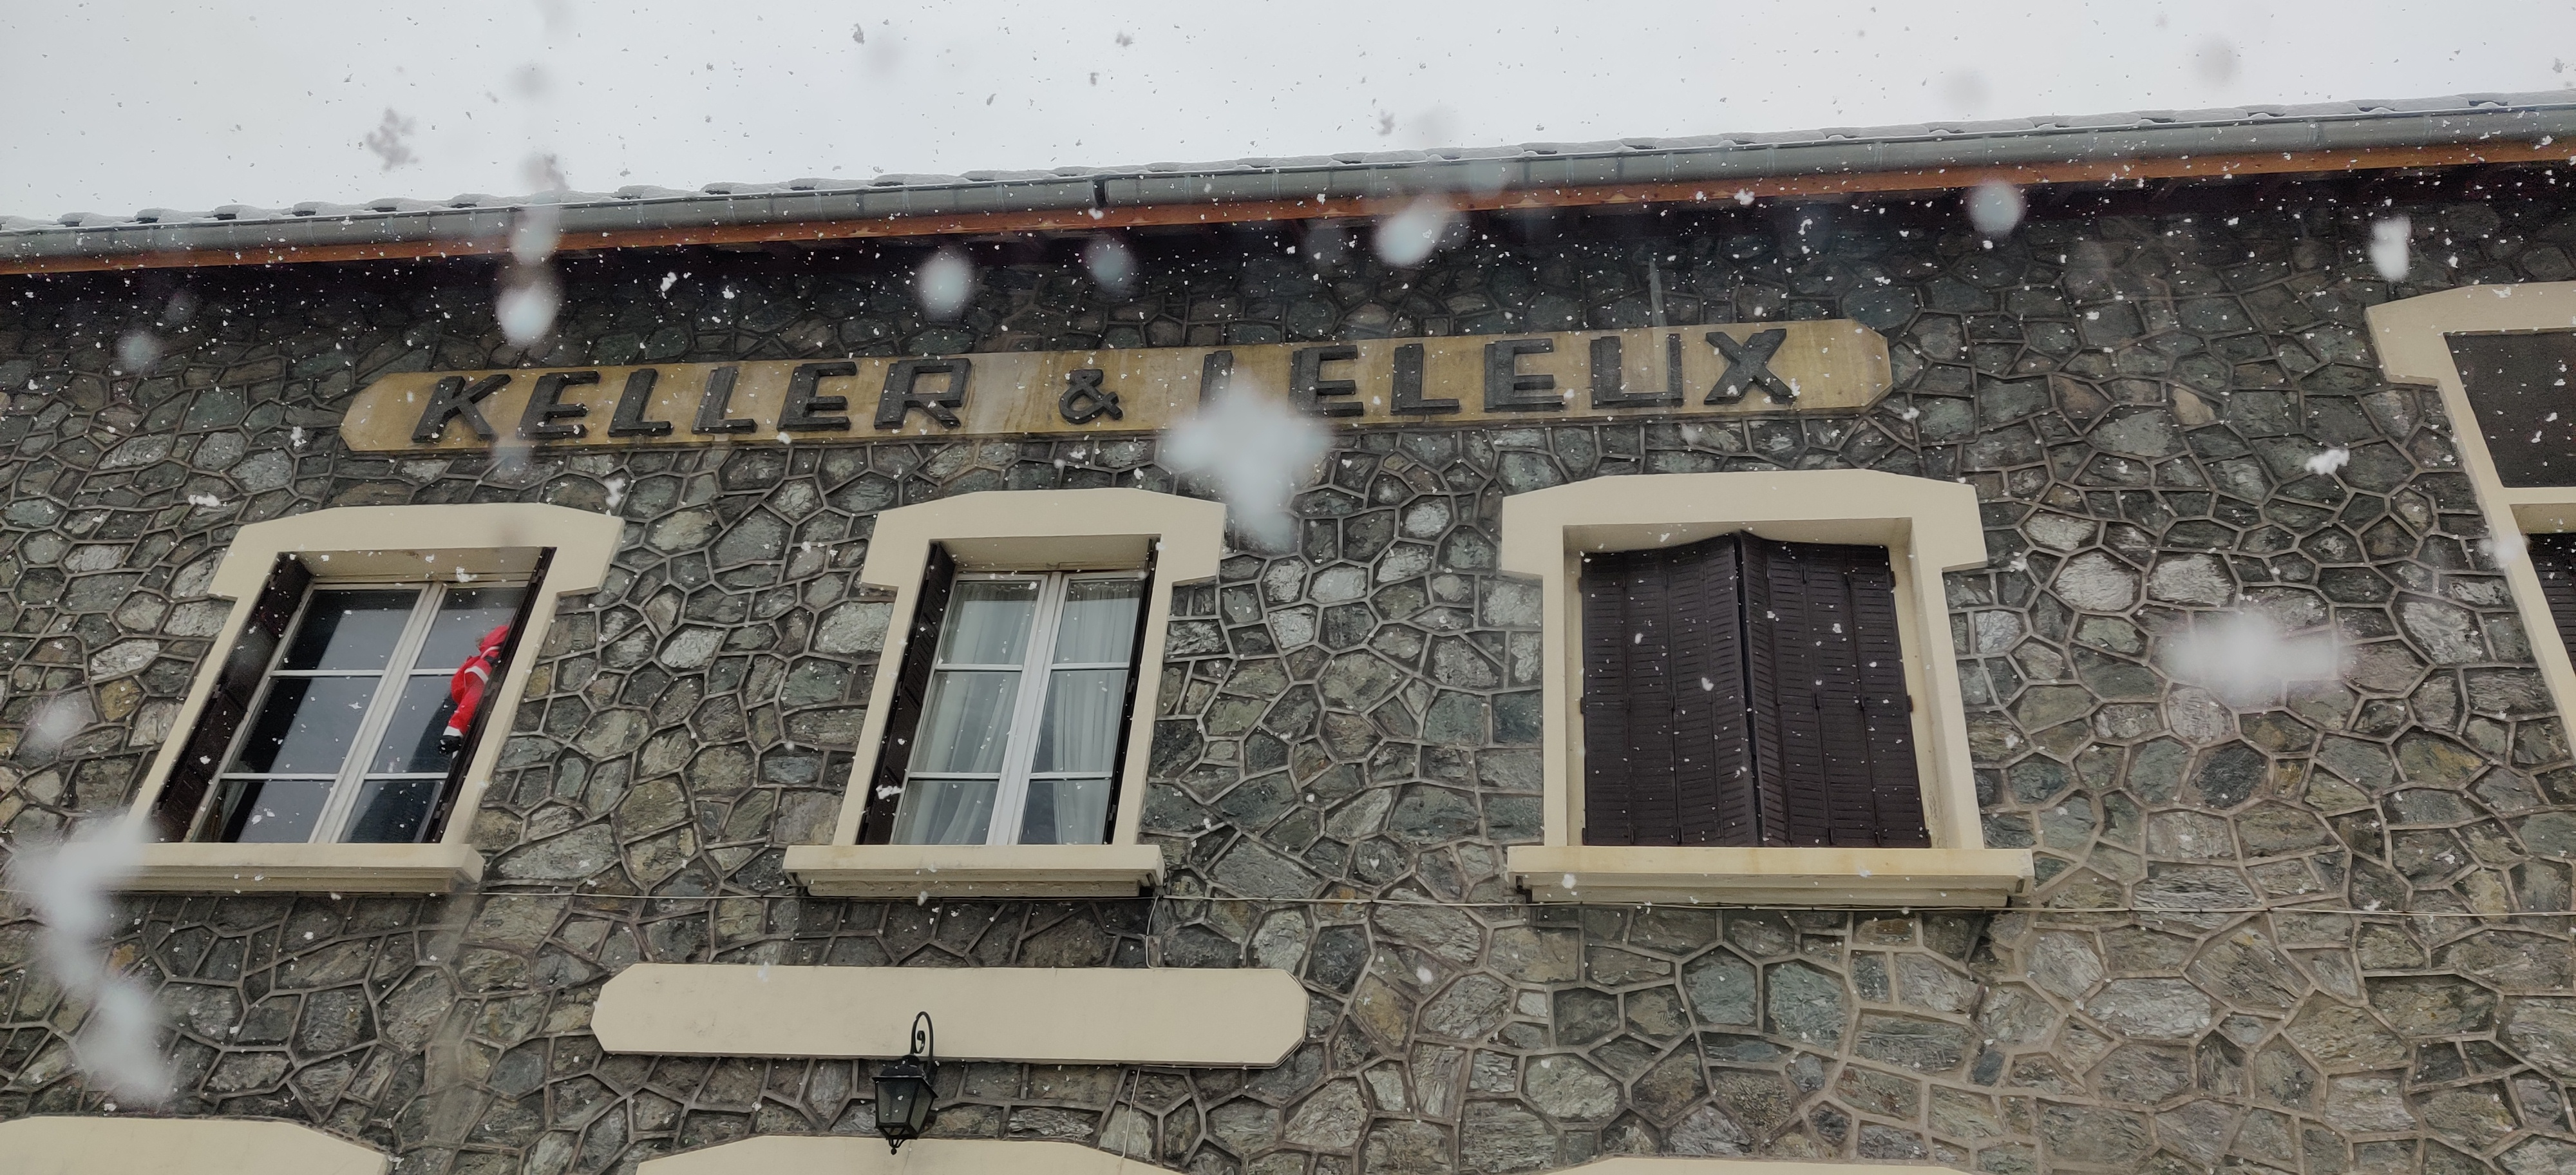 Urbex Frankreich Industriekultur Oisans, Haus mit Schriftzug Keller Leleux Großindustrielle Industrie Urban Exploration Alpen